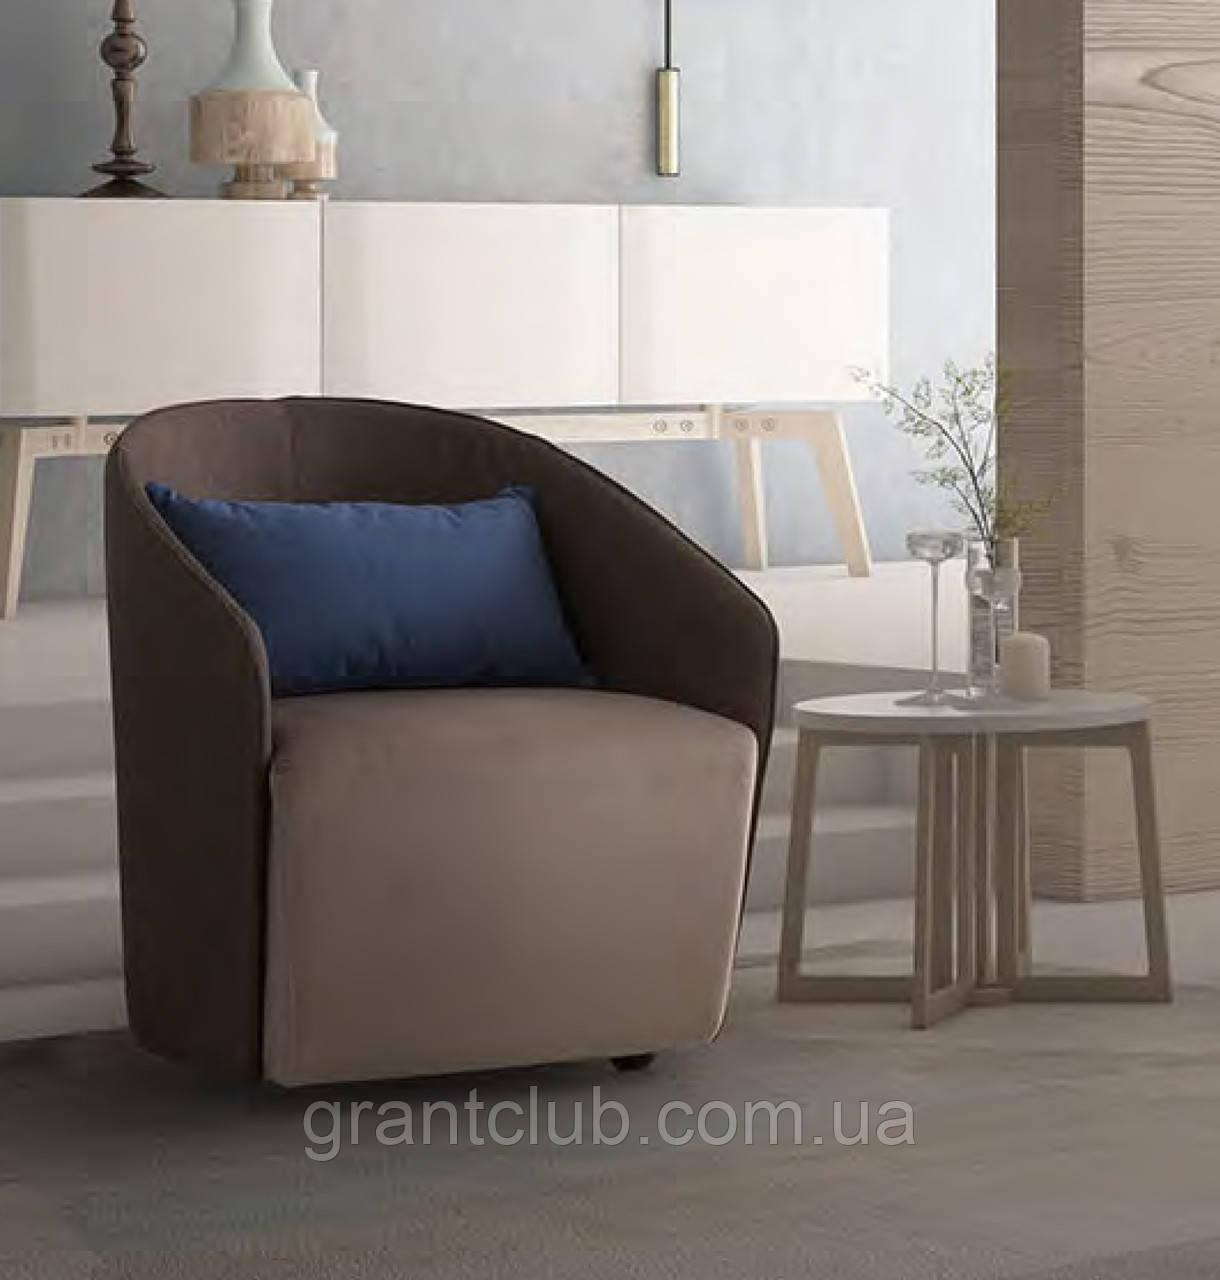 Современное кресло VIKY, фабрика LeComfort (Италия)